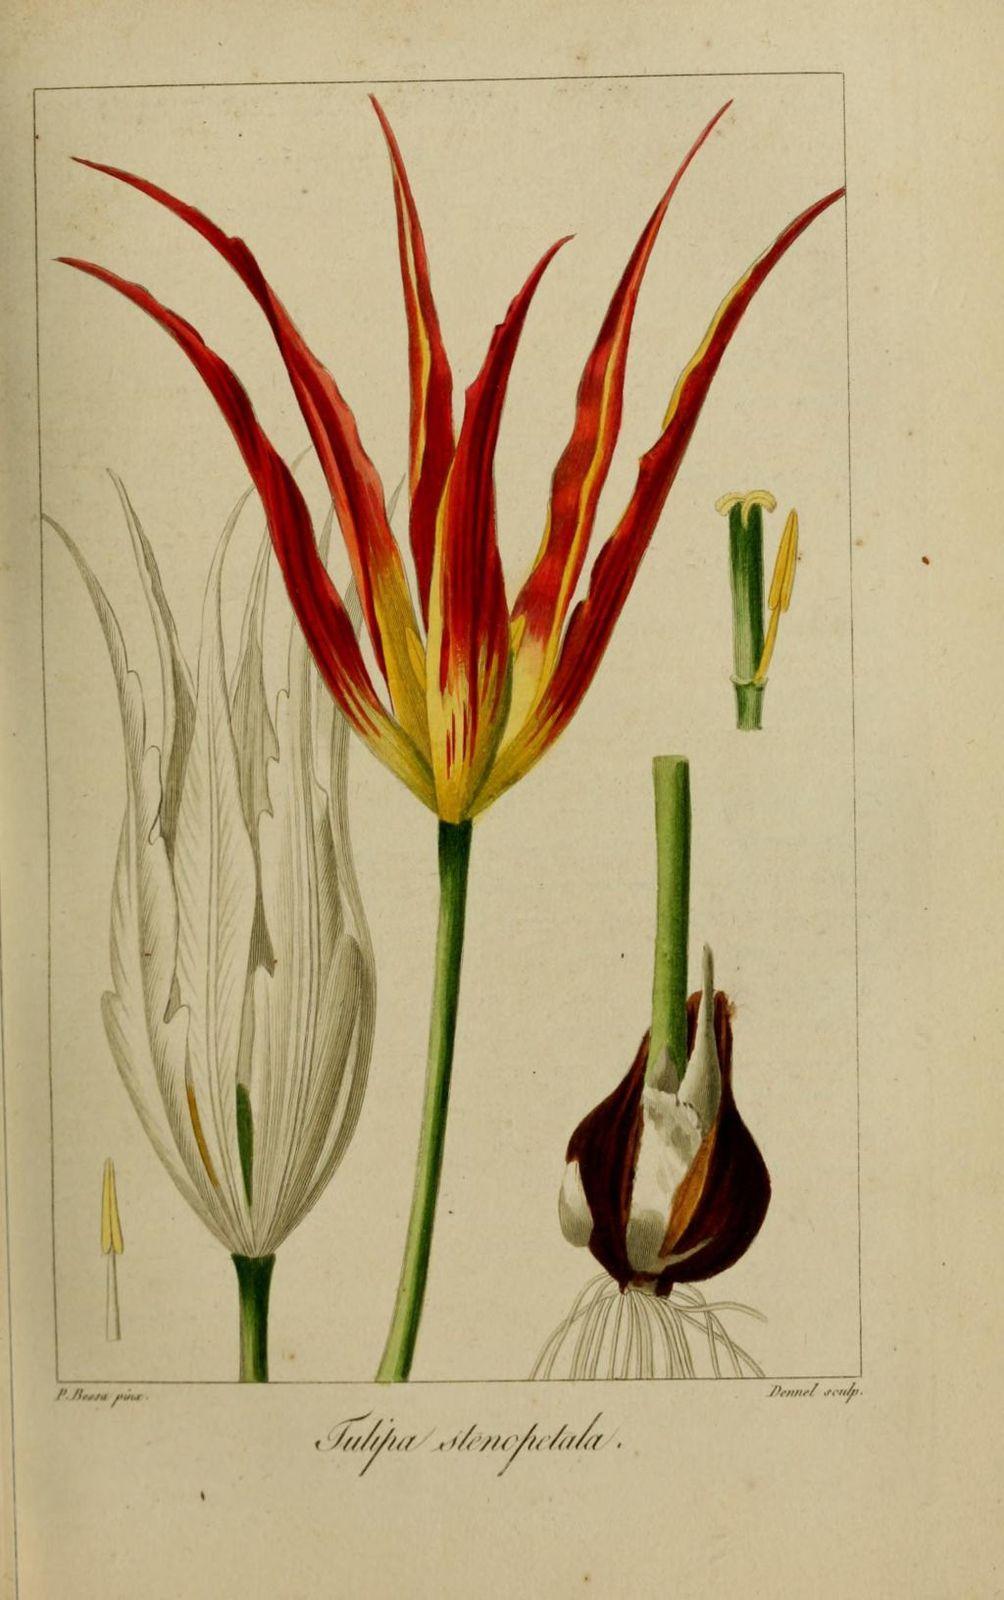 20127 tulipe a petales etroits - tulipa stenopetala